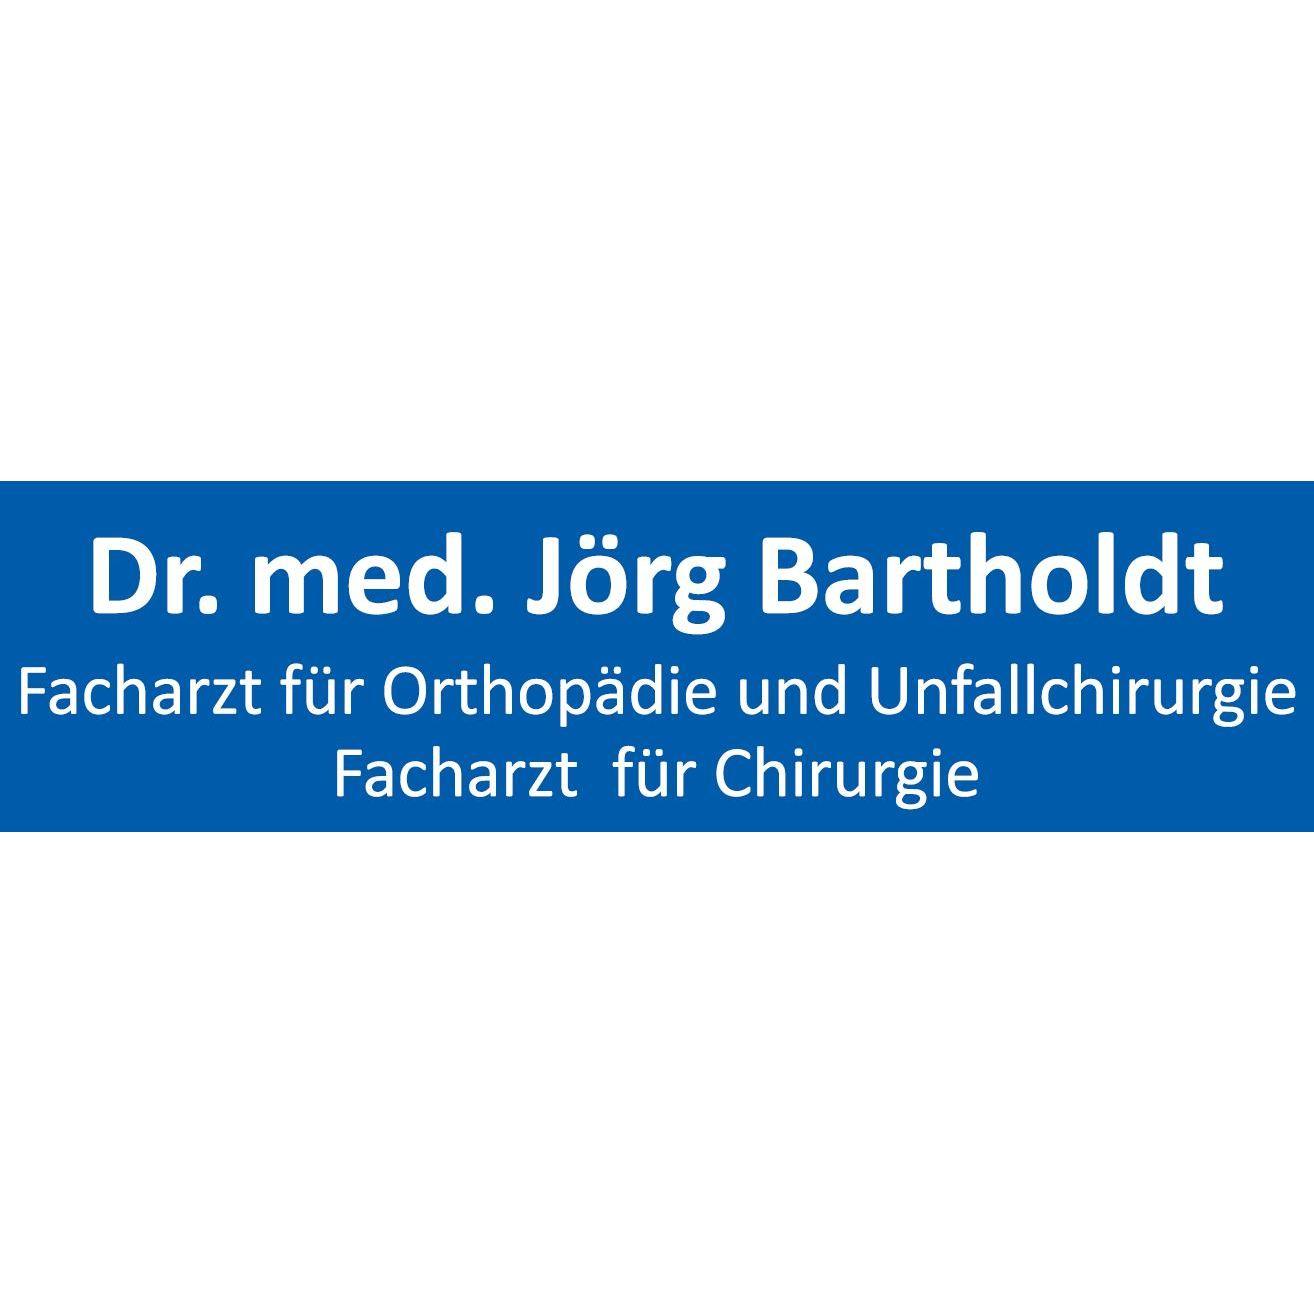 Facharzt für Orthopädie und Unfallchirurgie Dr. med. Jörg Bartholdt